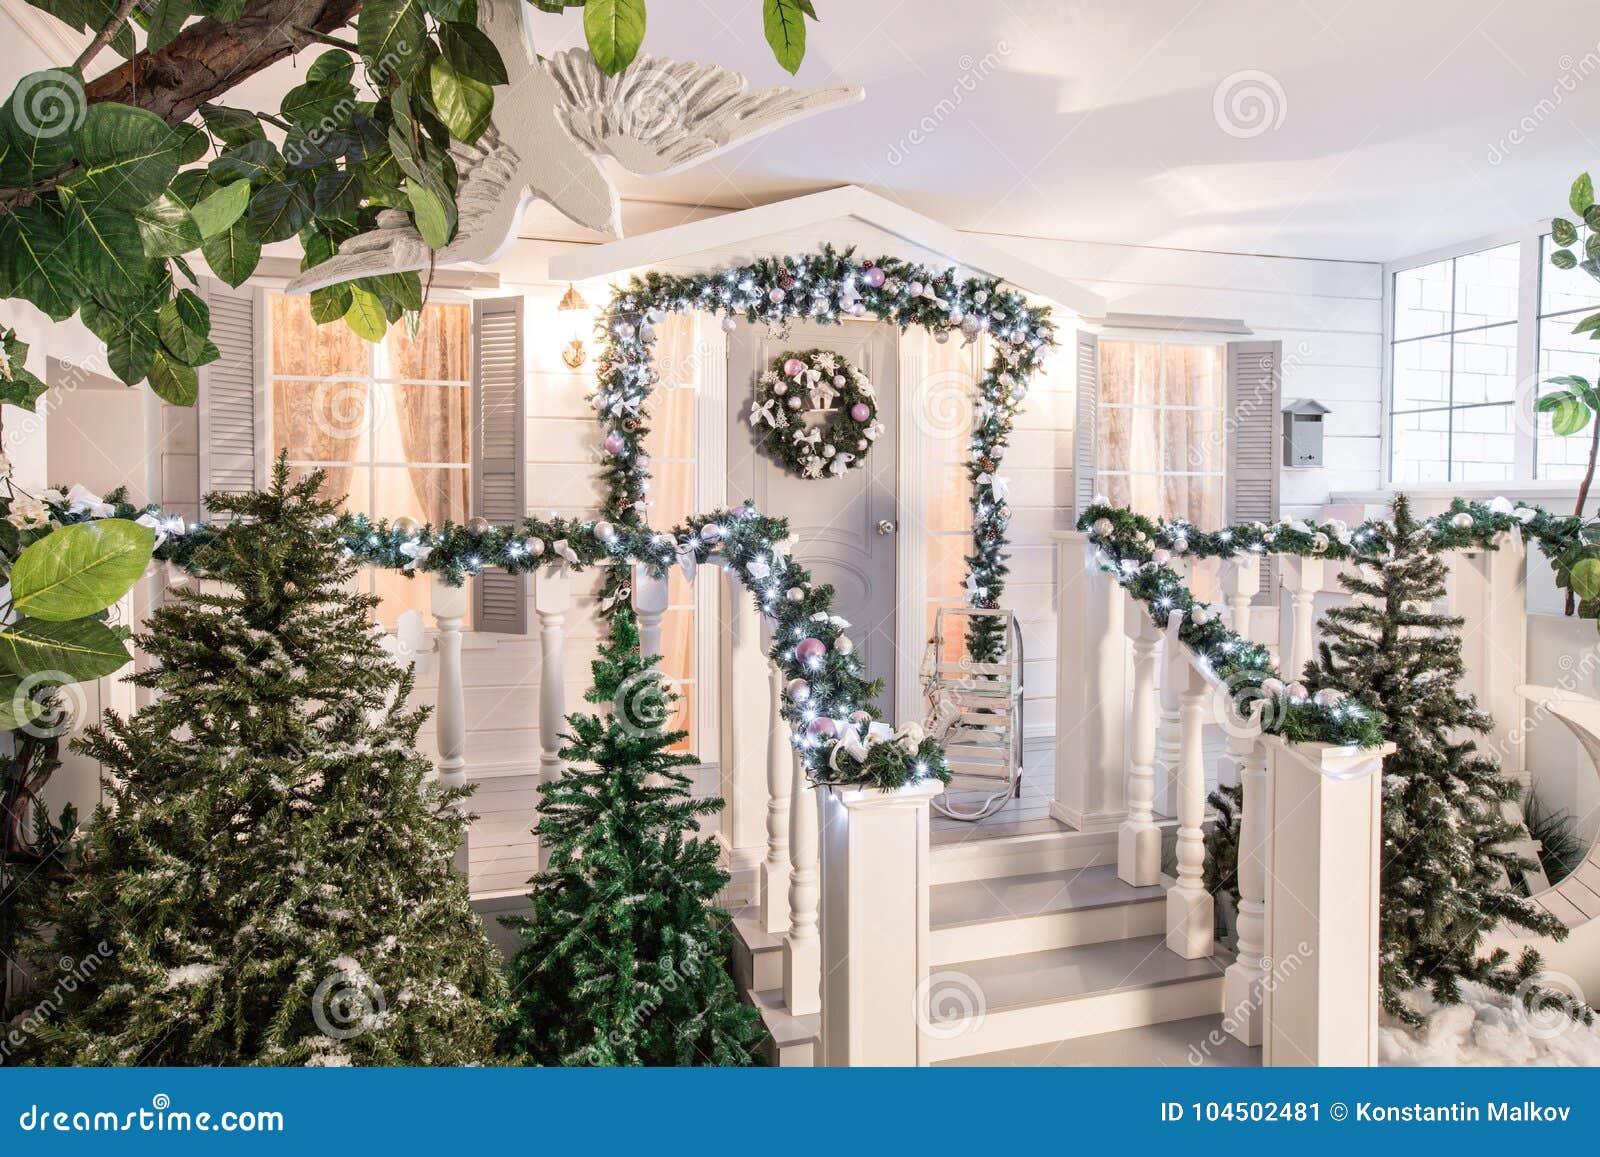 Decorazioni Natalizie Per La Camera entrata della camera decorata per le feste decorazione di